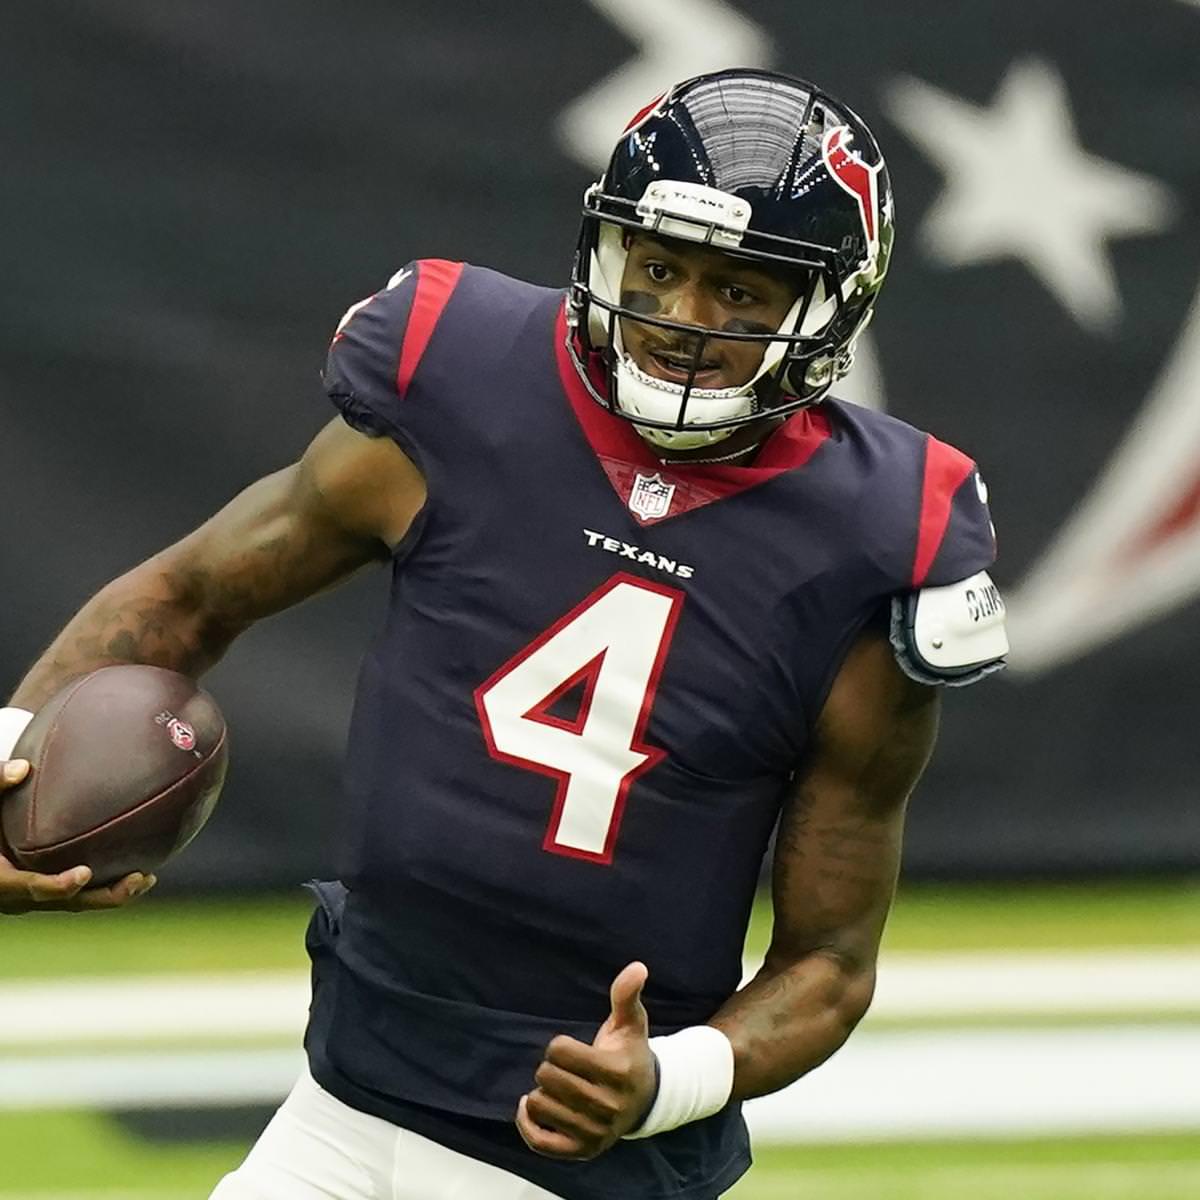 Rumores de negócios da NFL: os broncos não querem Carson Wentz, perseguem Deshaun Watson